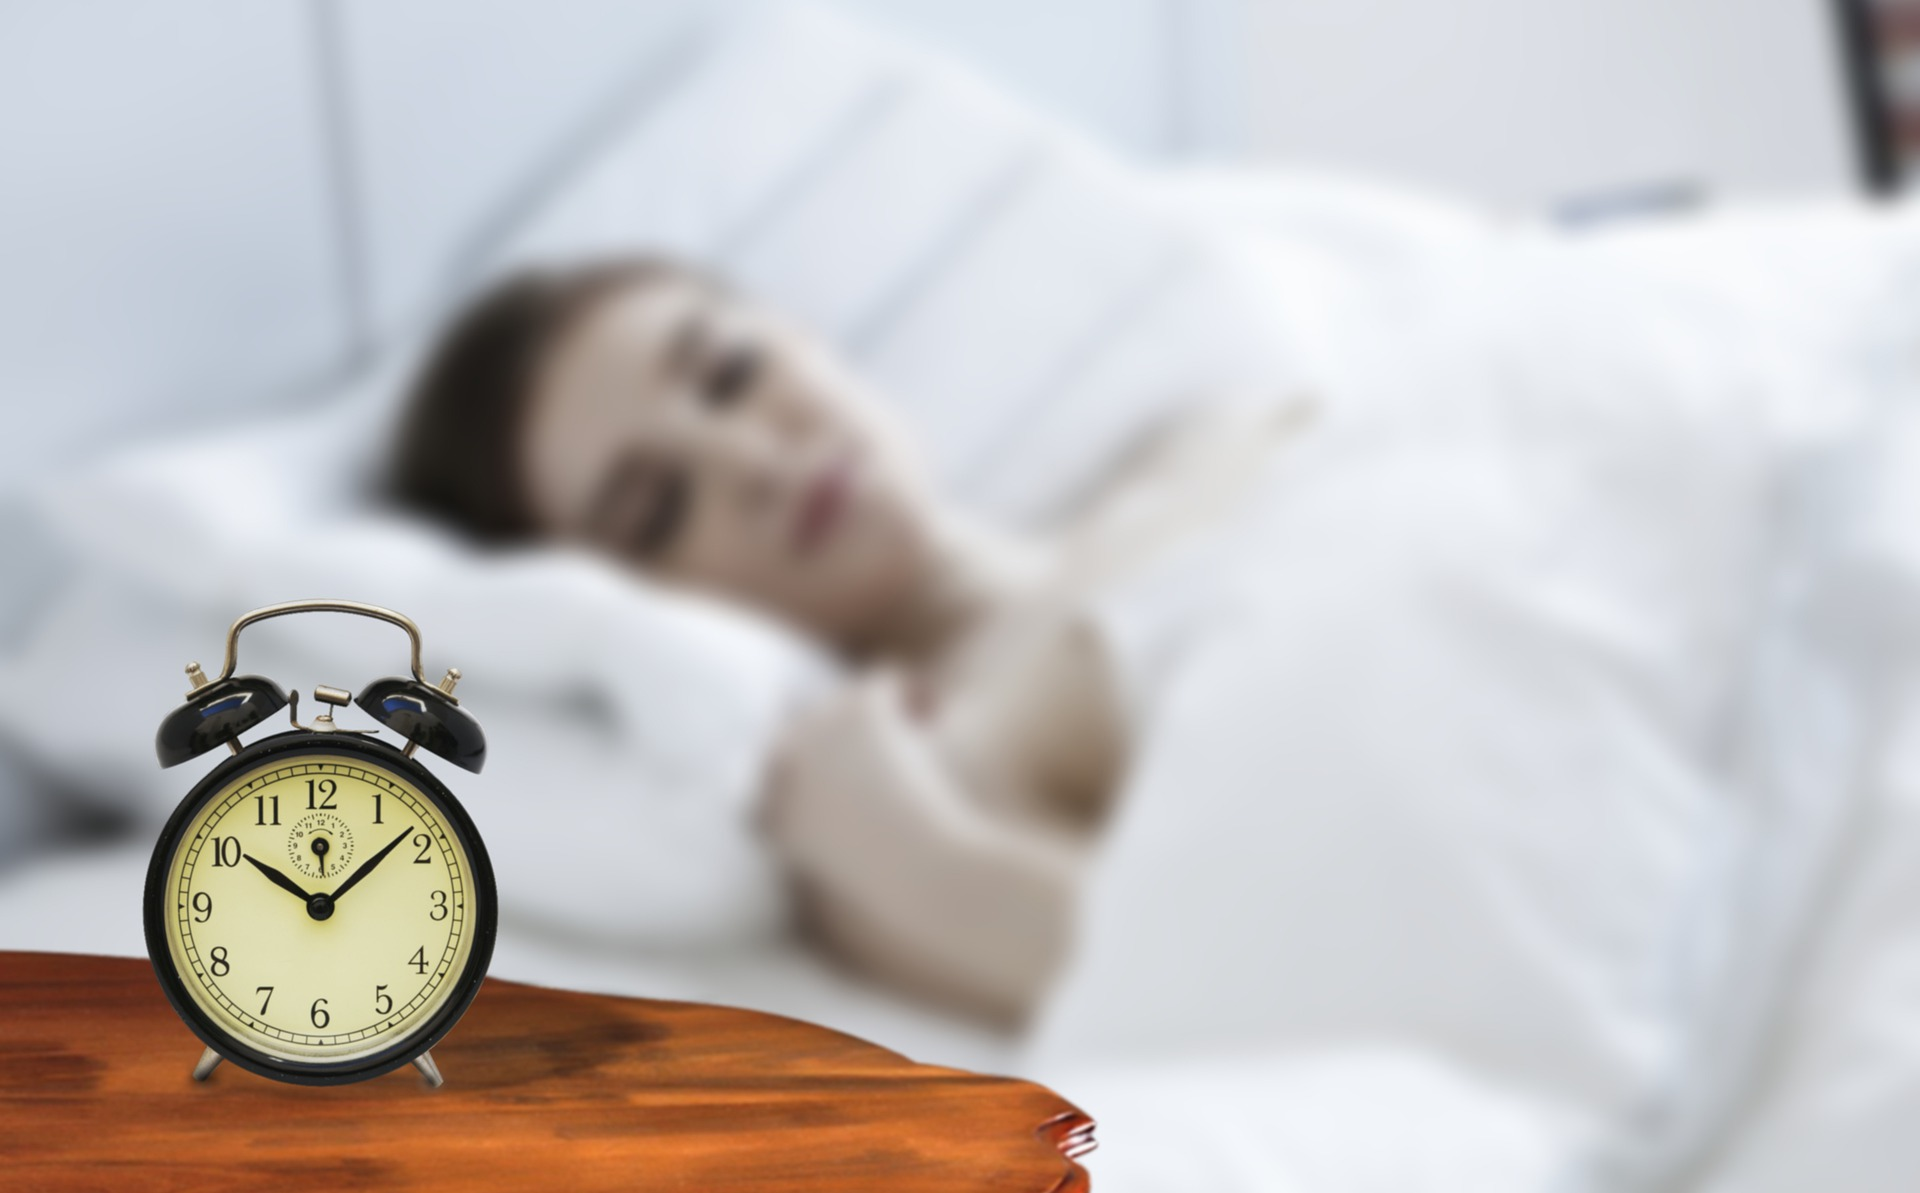 Le donne devono dormire più degli uomini: è la scienza che lo conferma. Il motivo? Sta in tutte le nostre meravigliose doti.